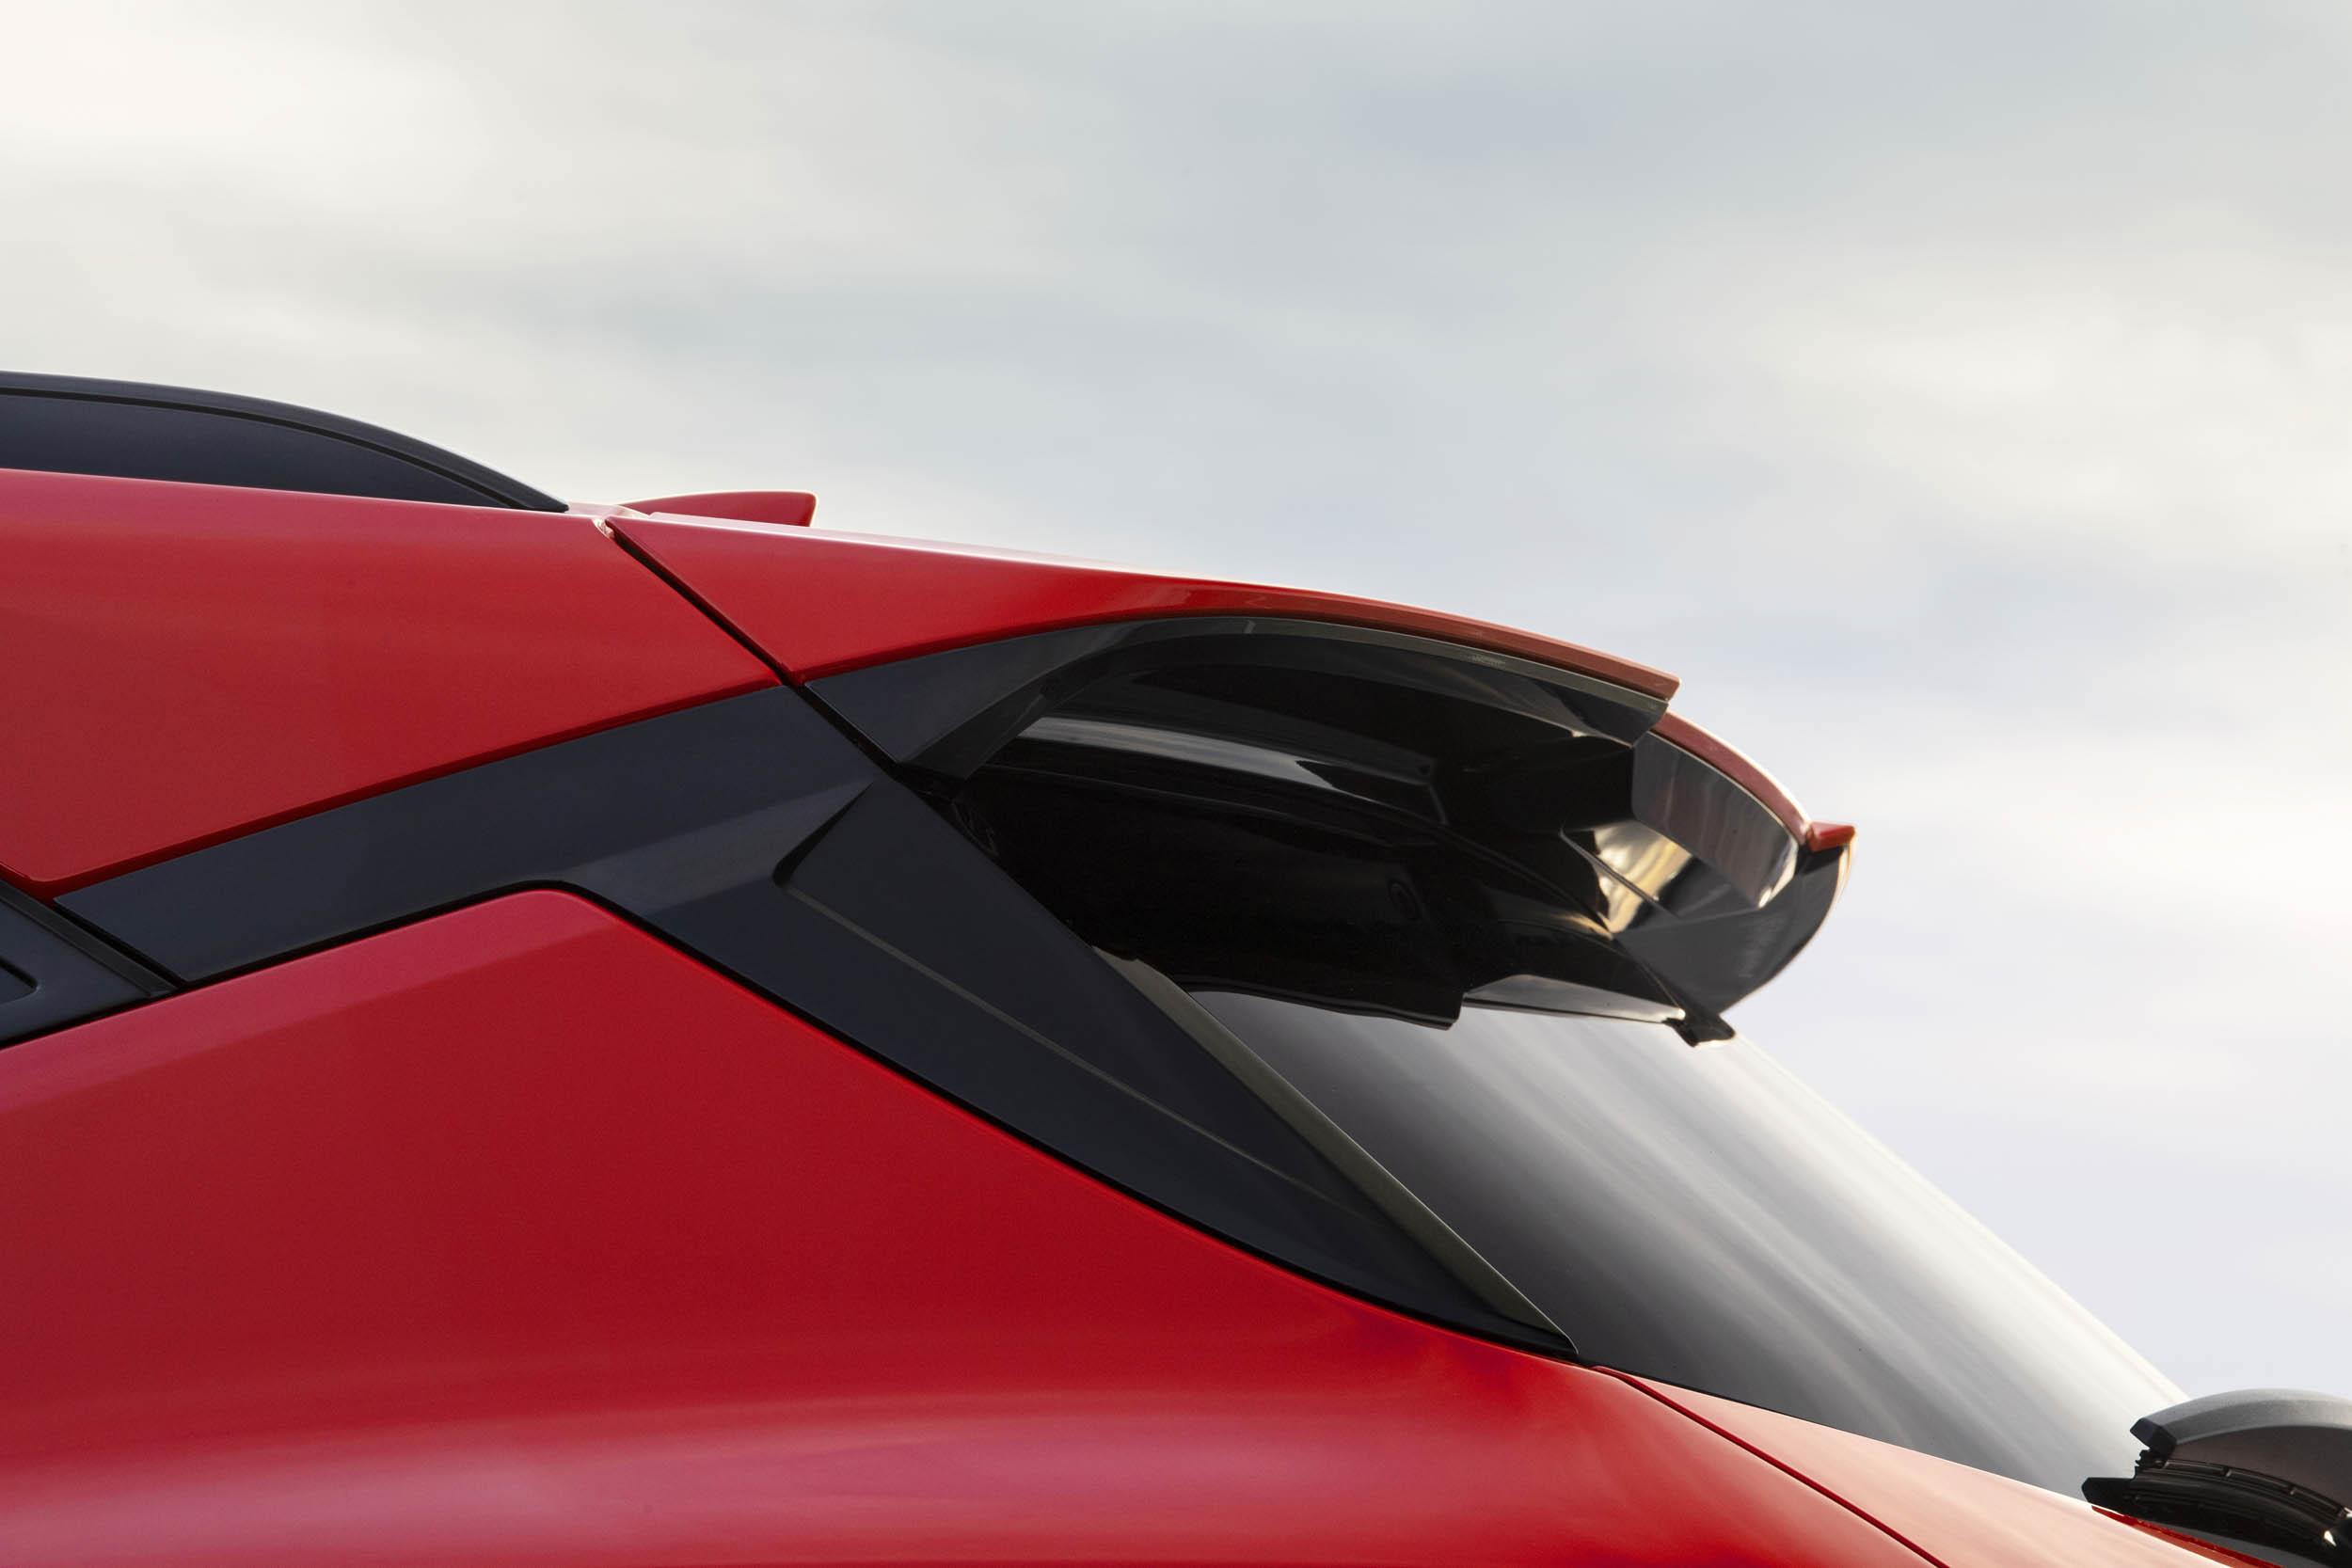 2019 Chevrolet Blazer rear spoiler